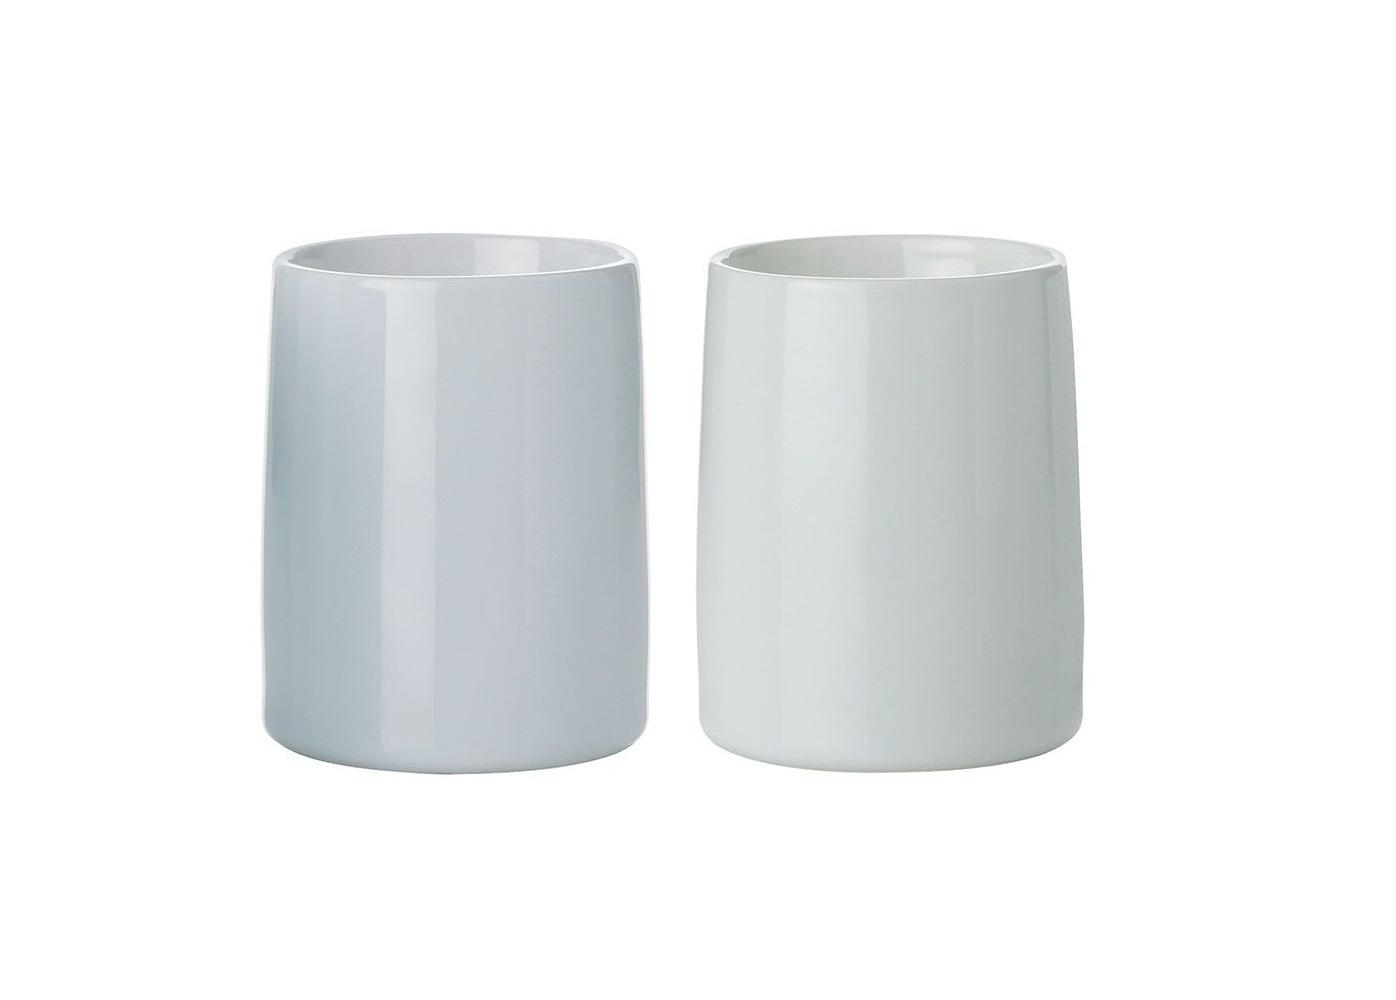 Набор термо-чашек Emma (2шт)Чайные пары, чашки и кружки<br>Набор из 2х термо-чашек Emma. &amp;amp;nbsp;Благодаря двойным стенкам и специальным термо-технологиям чашки остаются прохладными с внешней стороны, в то время, как напиток внутри надолго сохраняет свое тепло. При желании Вы можете подогревать свой напиток в микроволновой печи прямо в чашках. Допустимо мытье в посудомоечной машине. Разрешено использование в микроволновой печи.&amp;lt;div&amp;gt;&amp;lt;br&amp;gt;&amp;lt;/div&amp;gt;&amp;lt;div&amp;gt;Объем каждой кружки 250мл.&amp;lt;br&amp;gt;&amp;lt;/div&amp;gt;<br><br>Material: Керамика<br>Высота см: 10